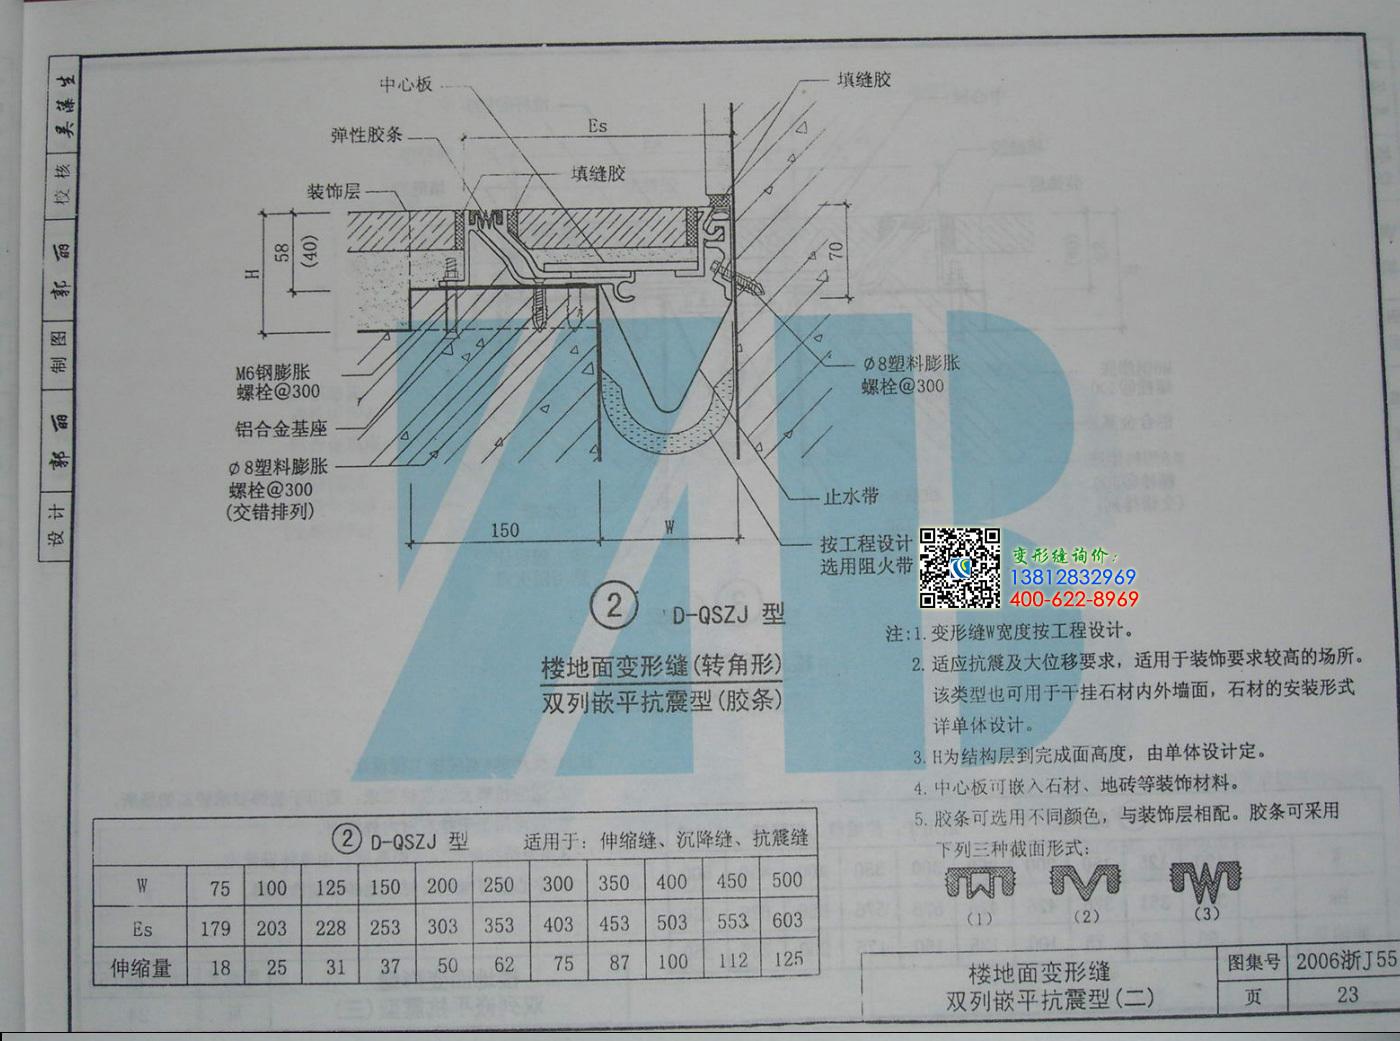 2006浙j55变形缝图集第23页